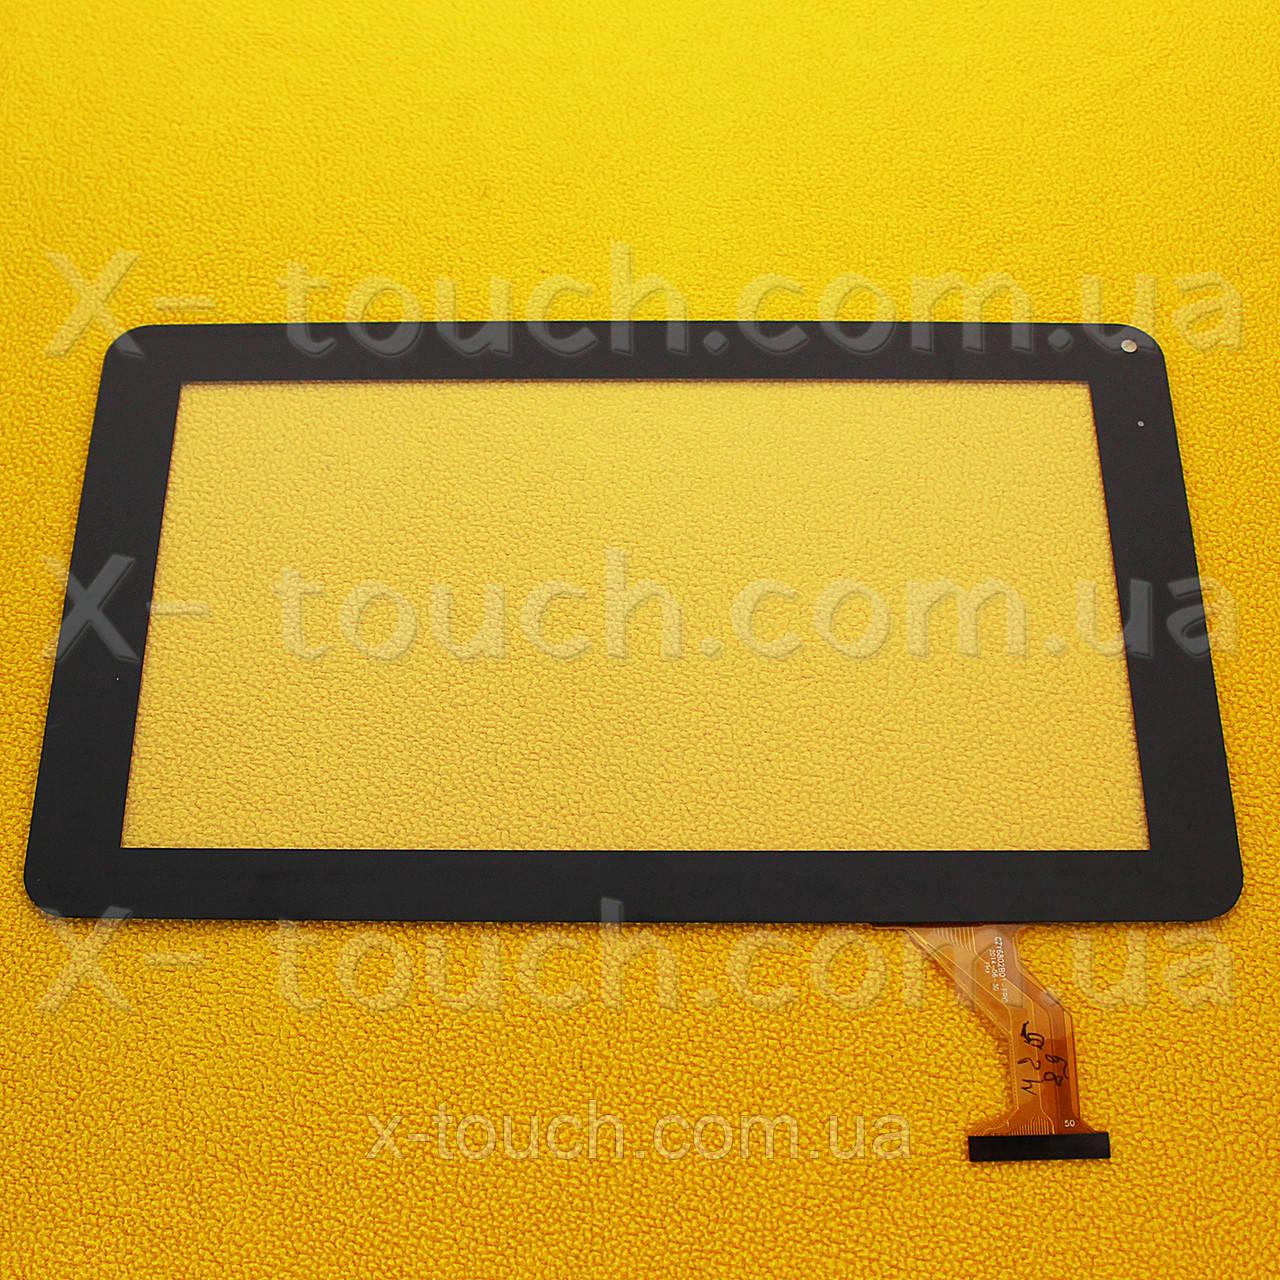 Тачскрин, сенсор  CZY6802801-FPC  для планшета